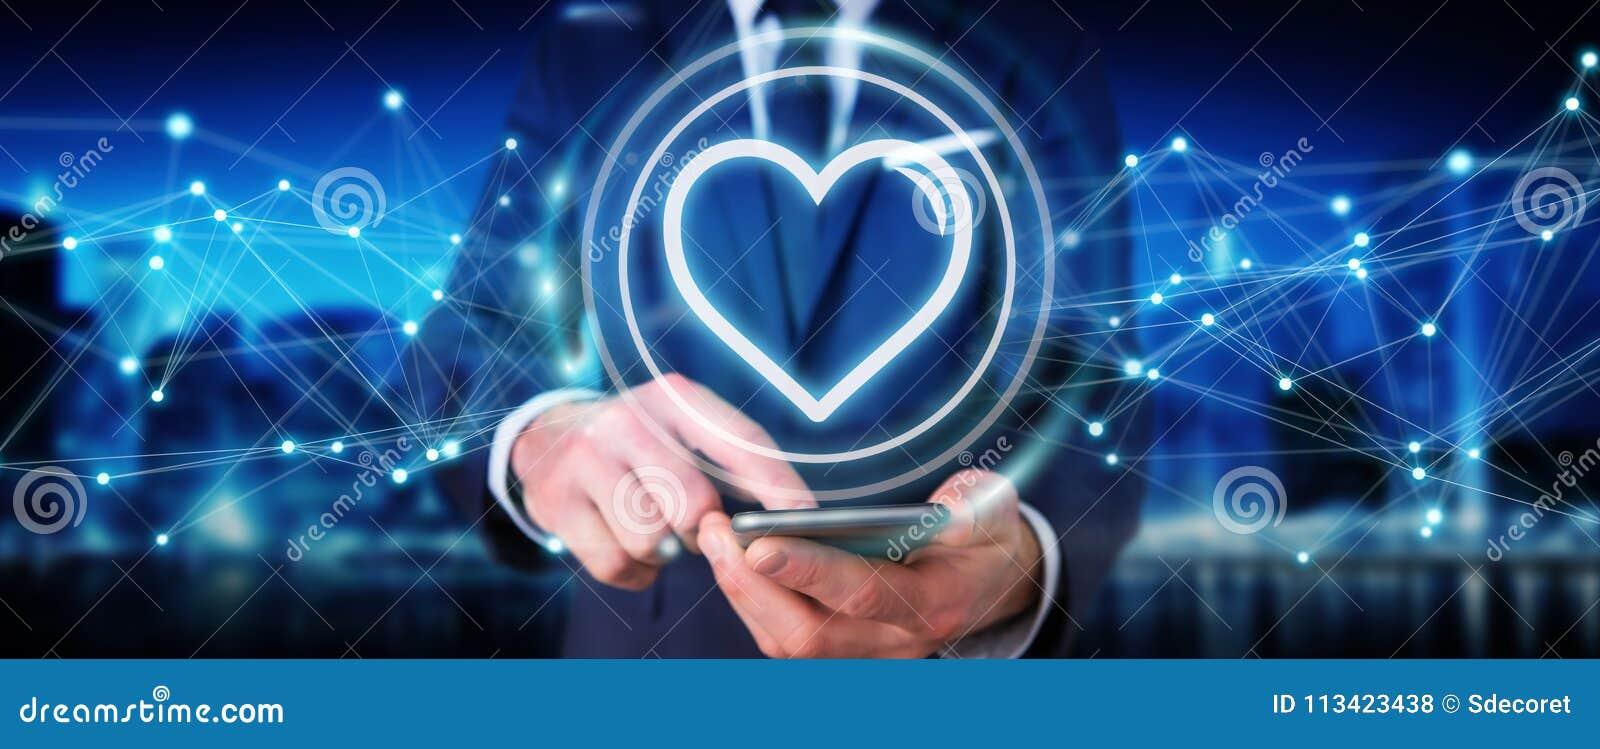 使用发现约会的应用的商人爱网上3D烈